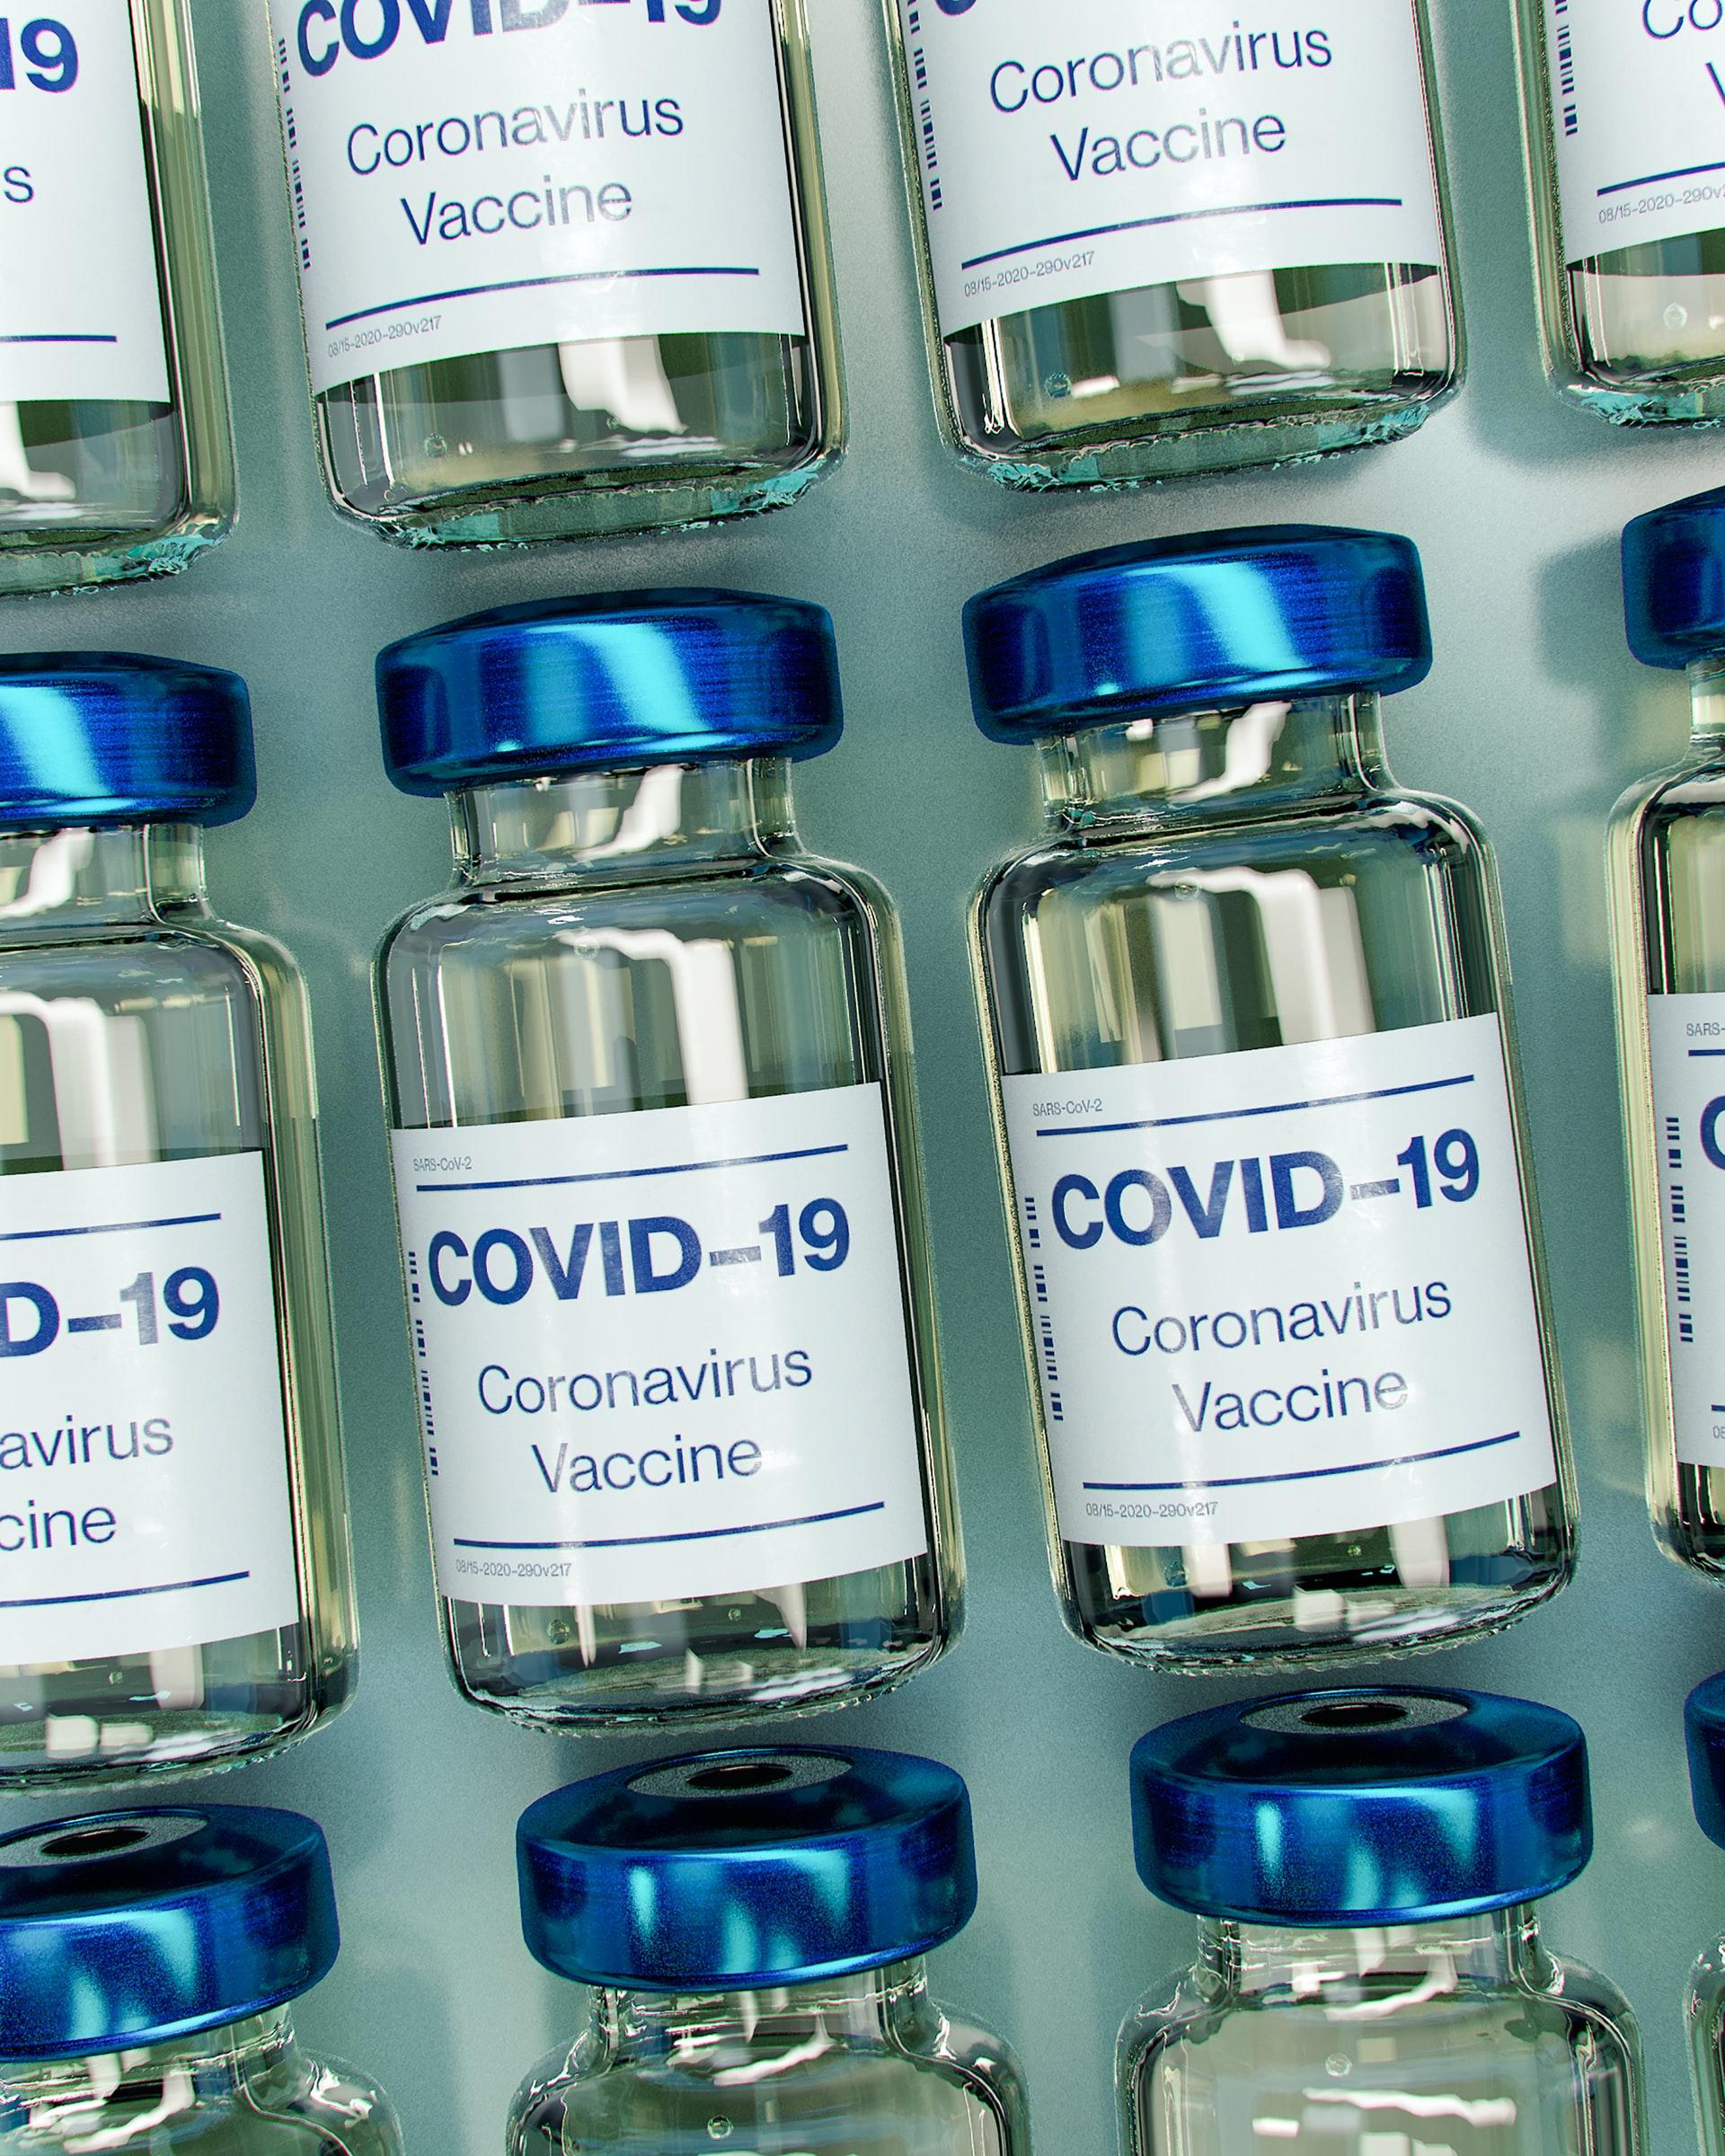 Ministrul Sănătății: România urmează să primească peste 7 milioane de vaccinuri în următoarele două luni